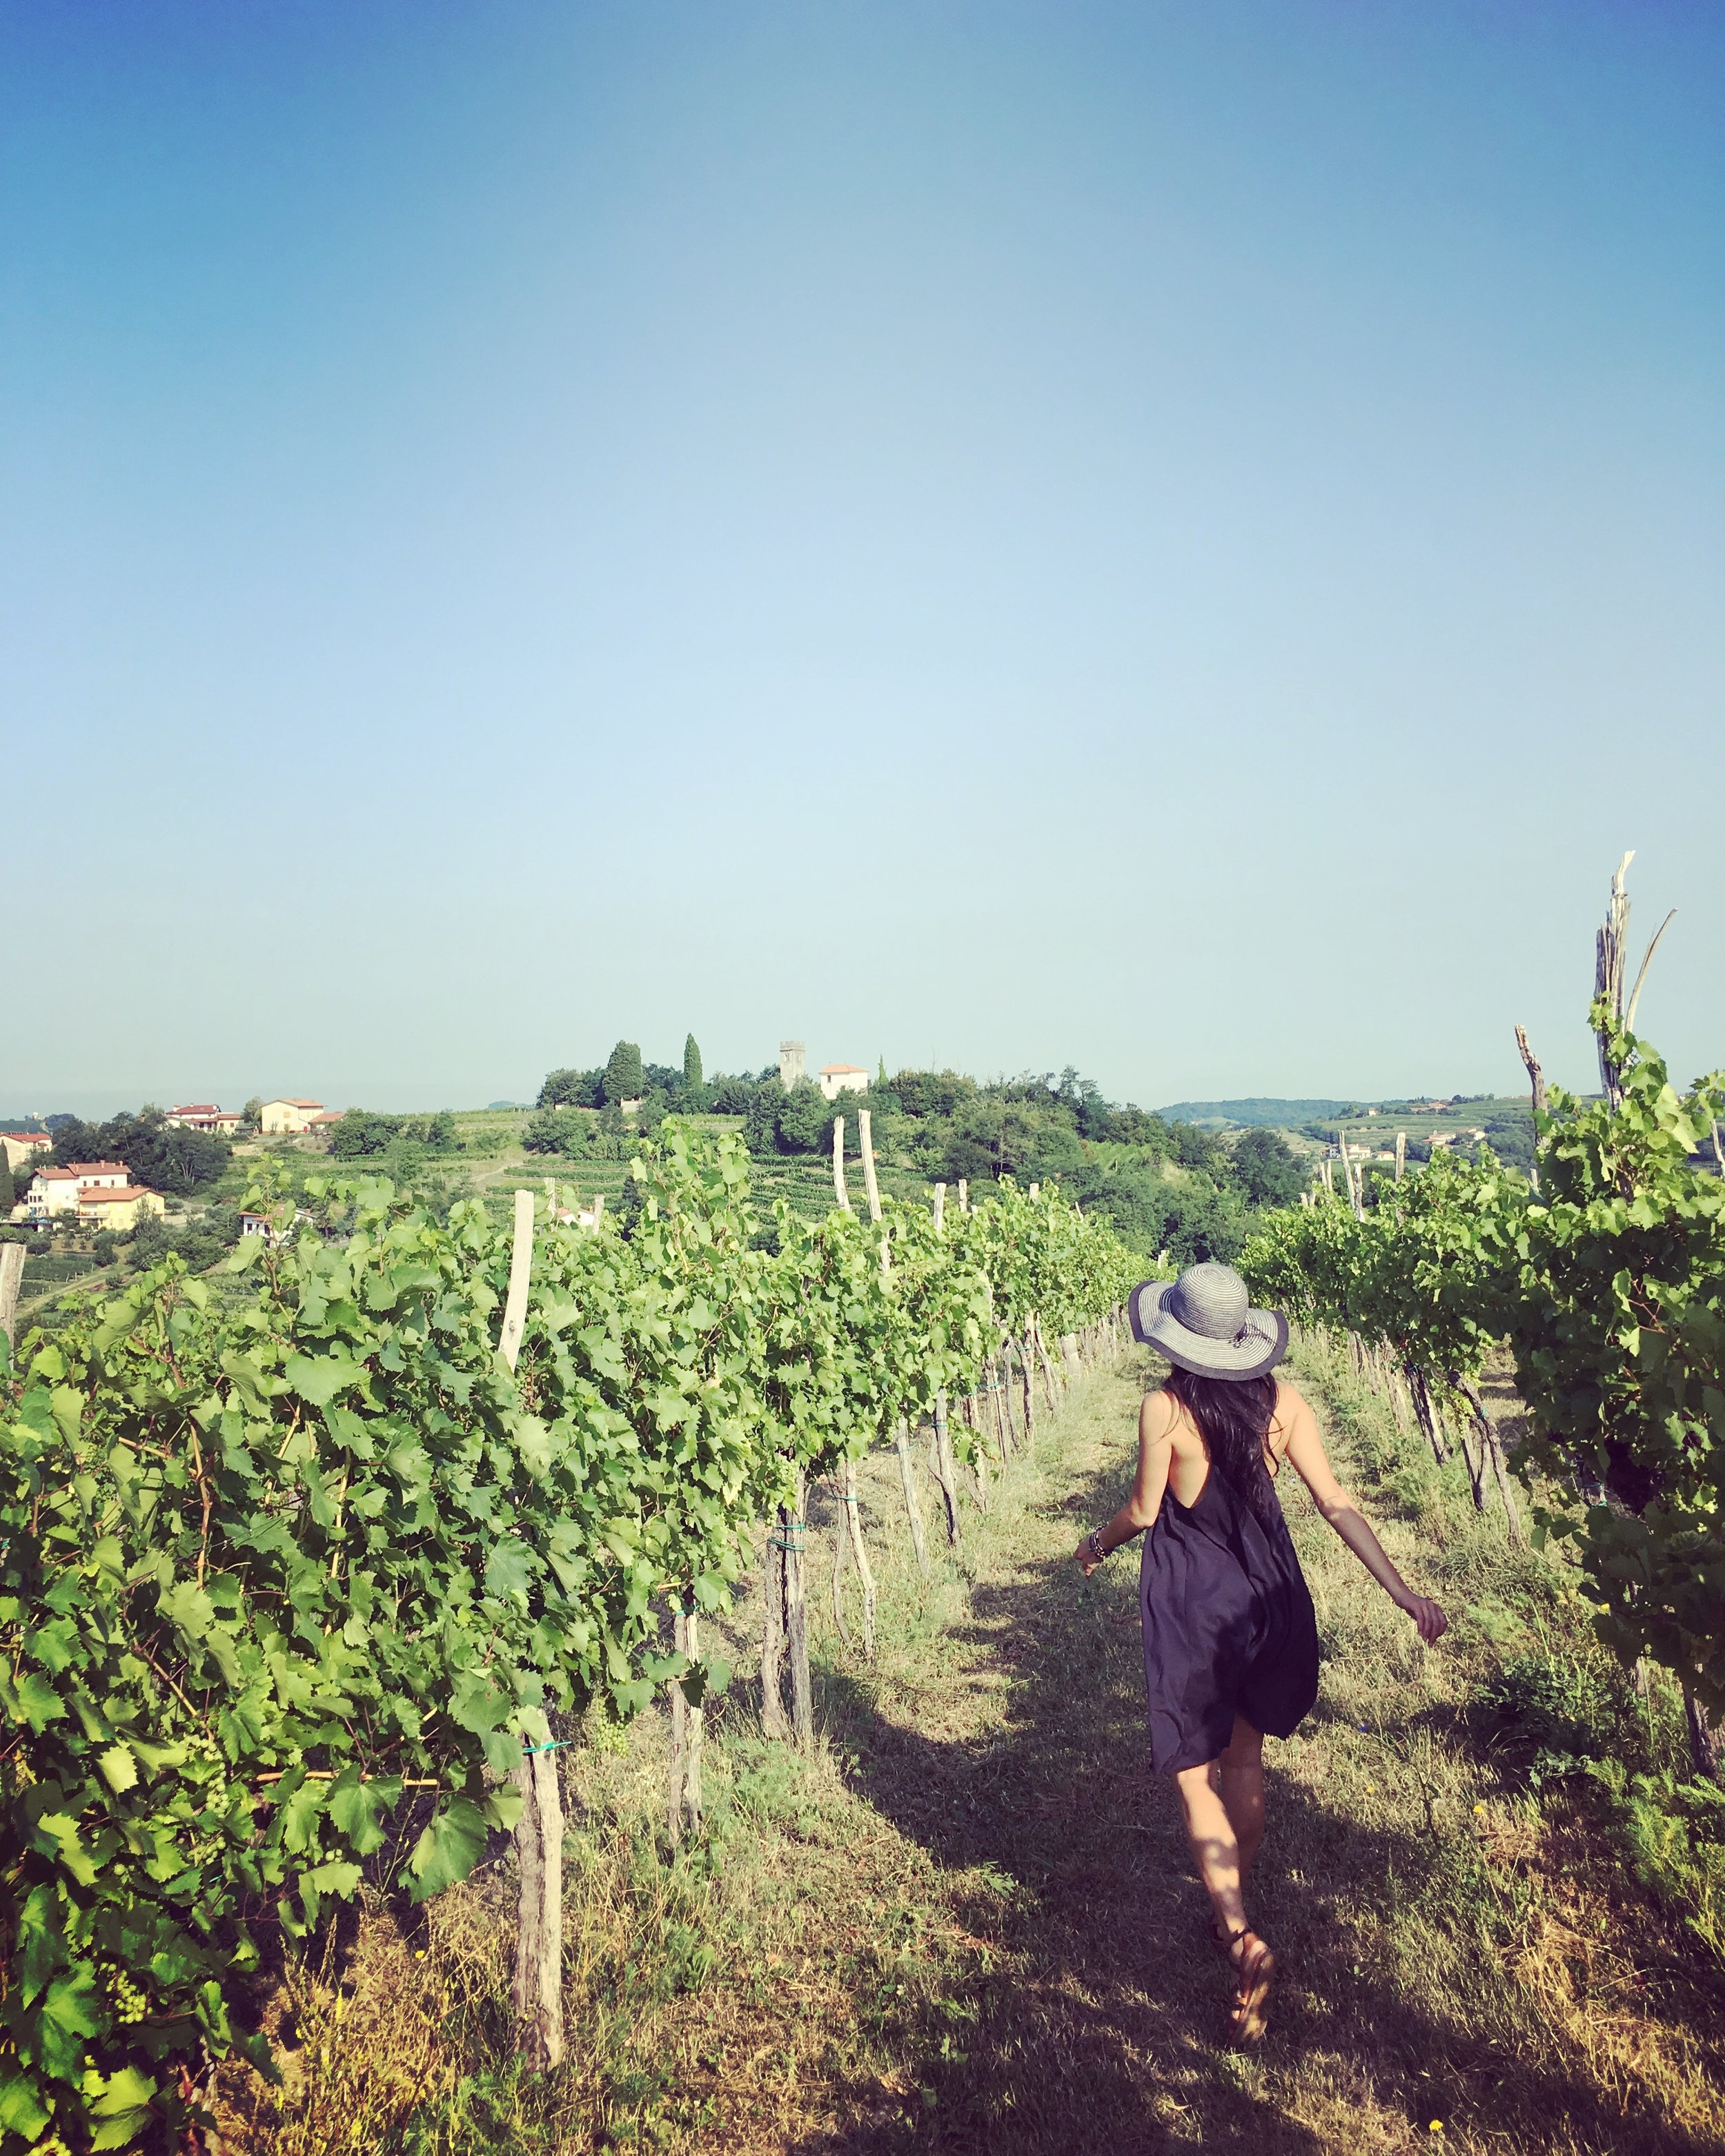 Running through the rebula vineyards in Brda.